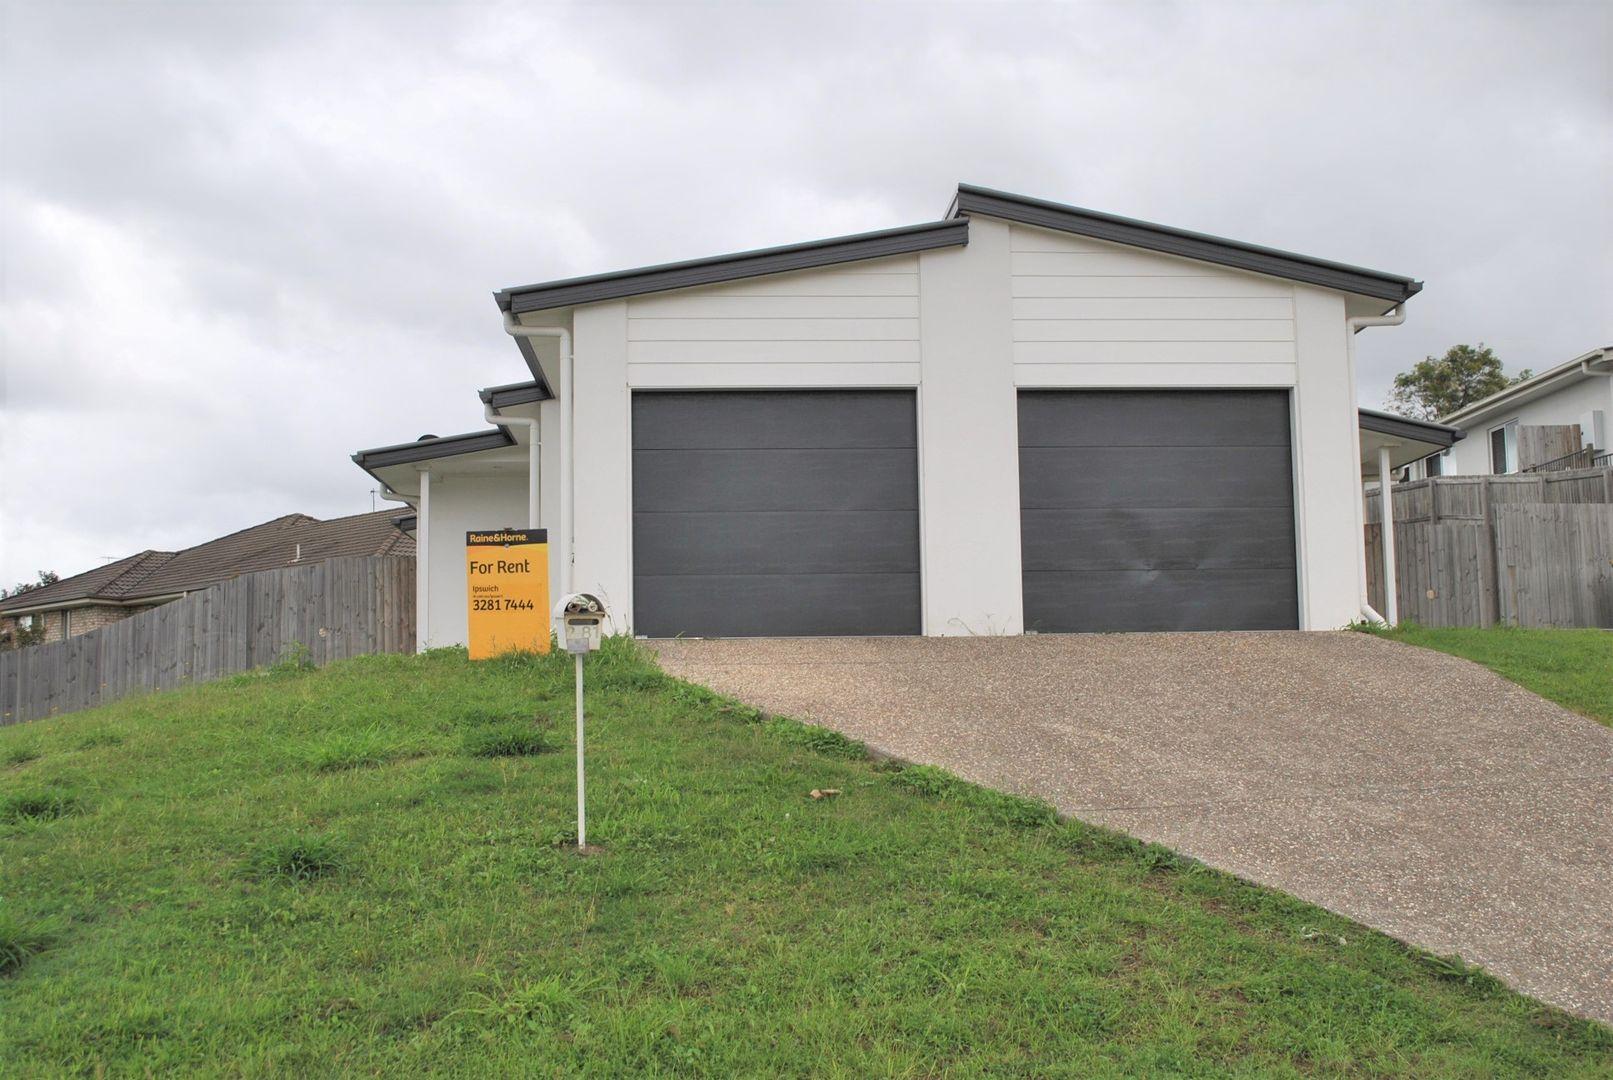 2/81 Brentwood Drive, Bundamba QLD 4304, Image 0